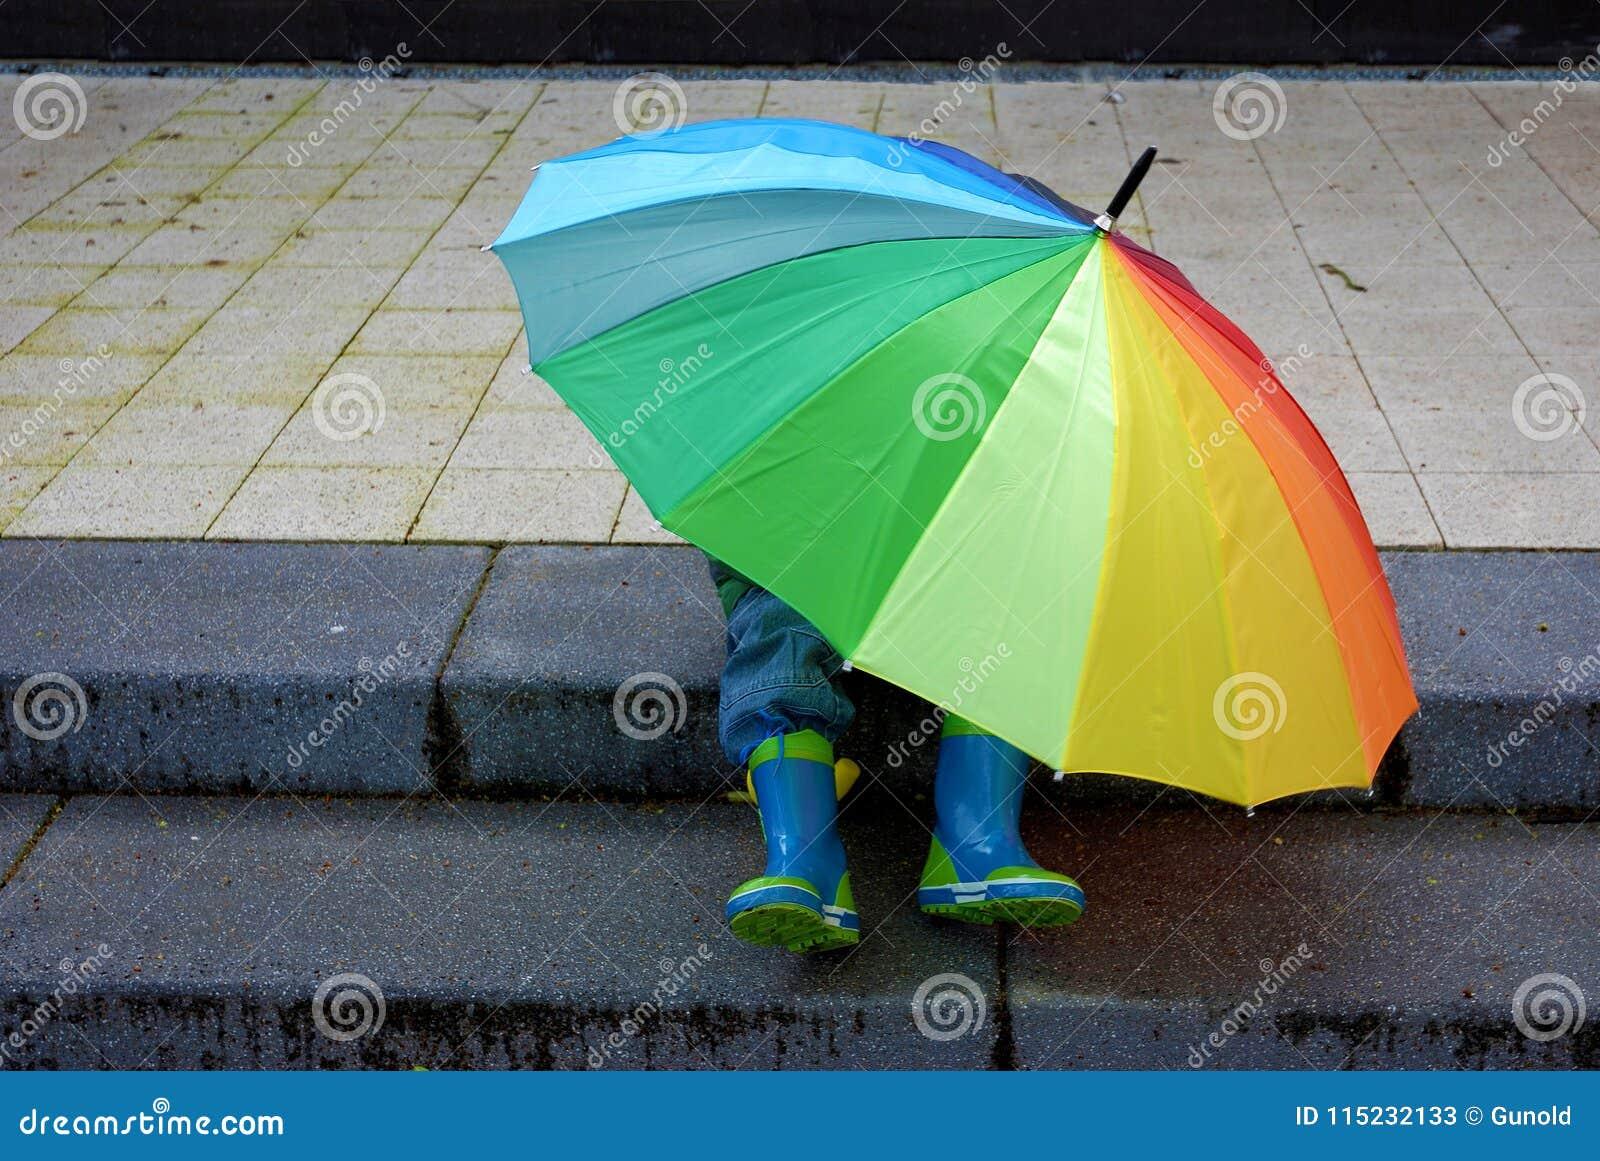 谁在伞、男孩或者女孩下?